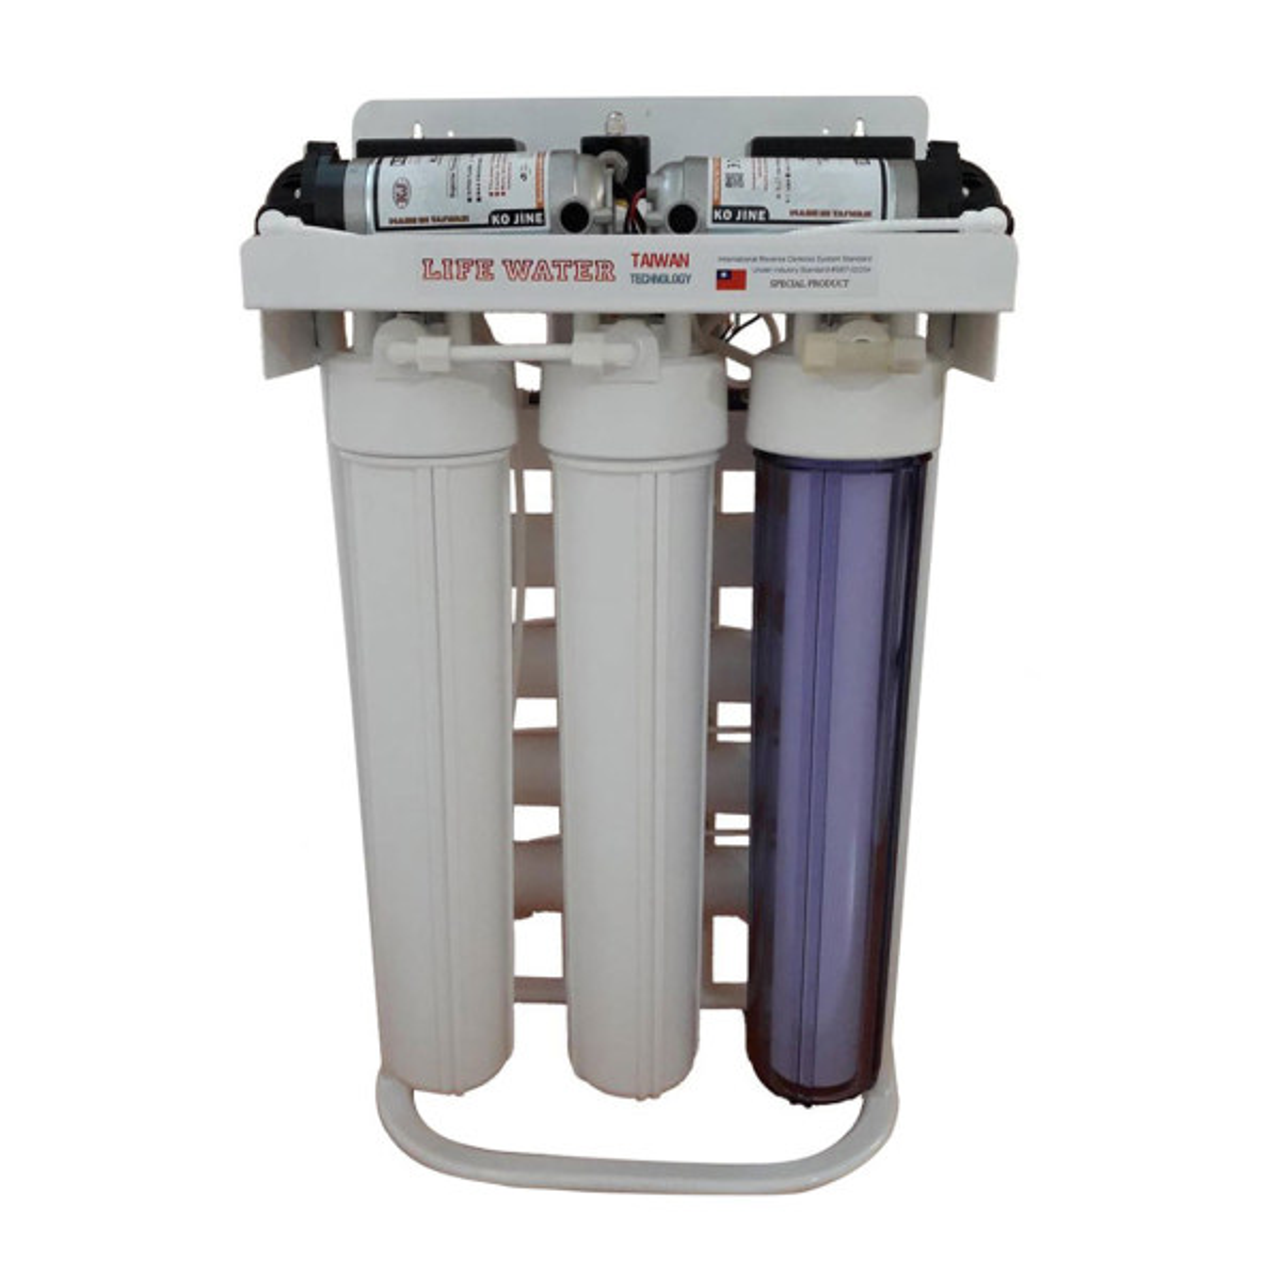 دستگاه تصفیه کننده آب لایف واتر مدل L400